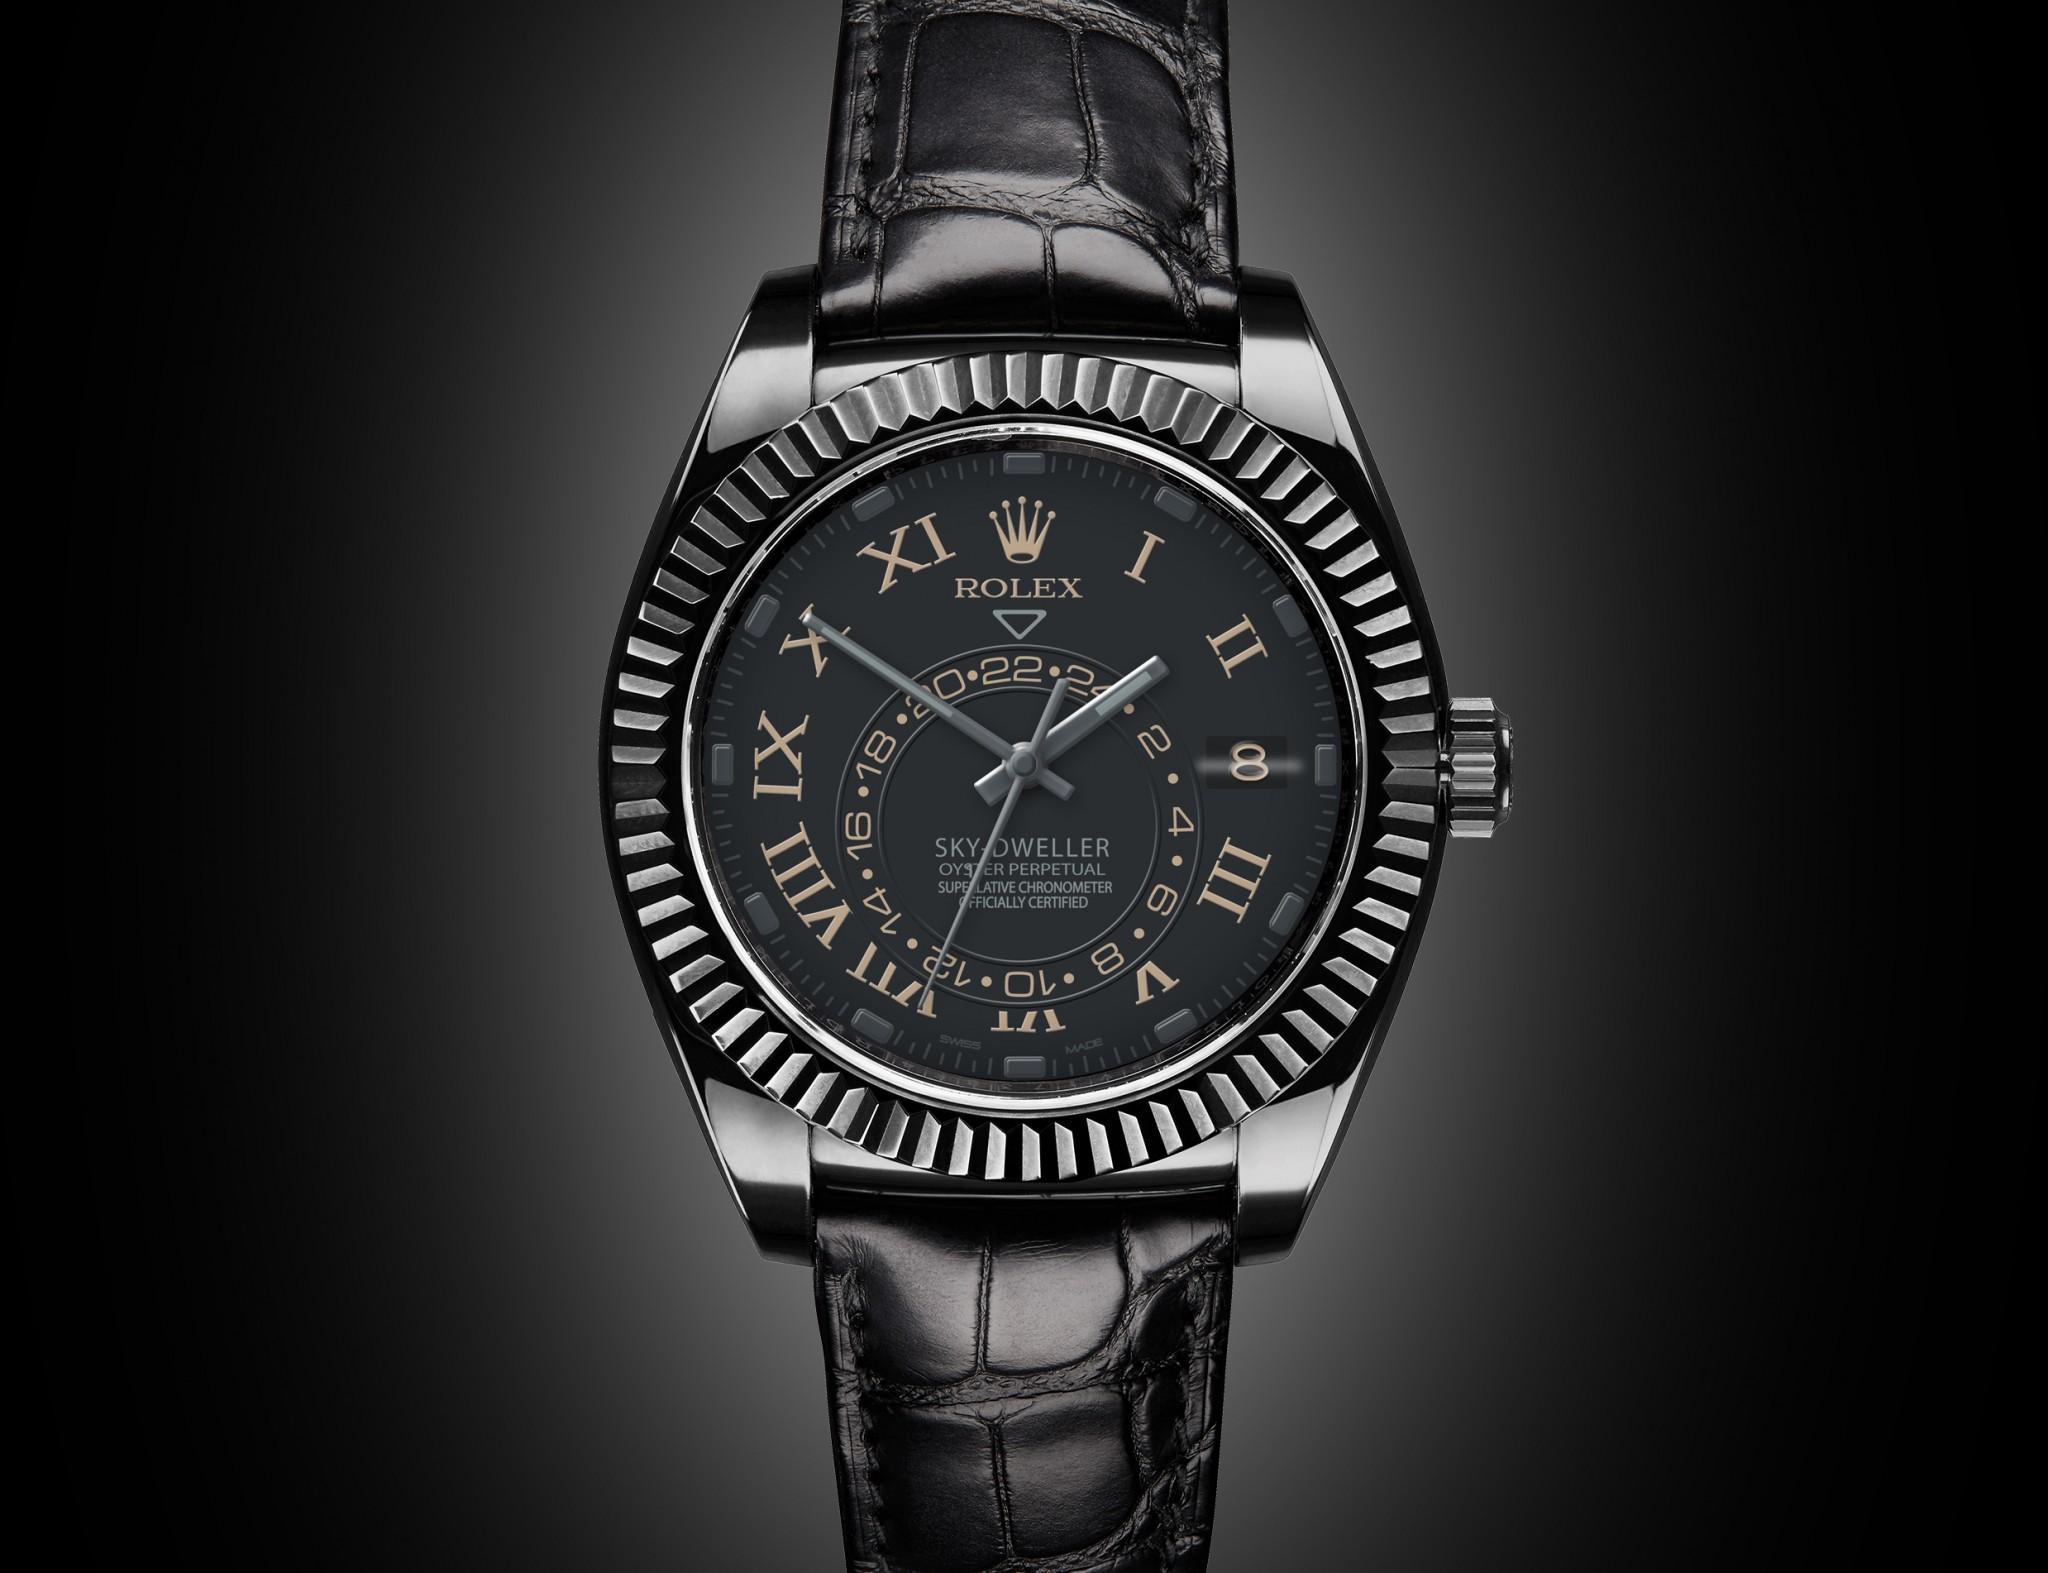 Rolex Sky Dweller Compass Titan Black